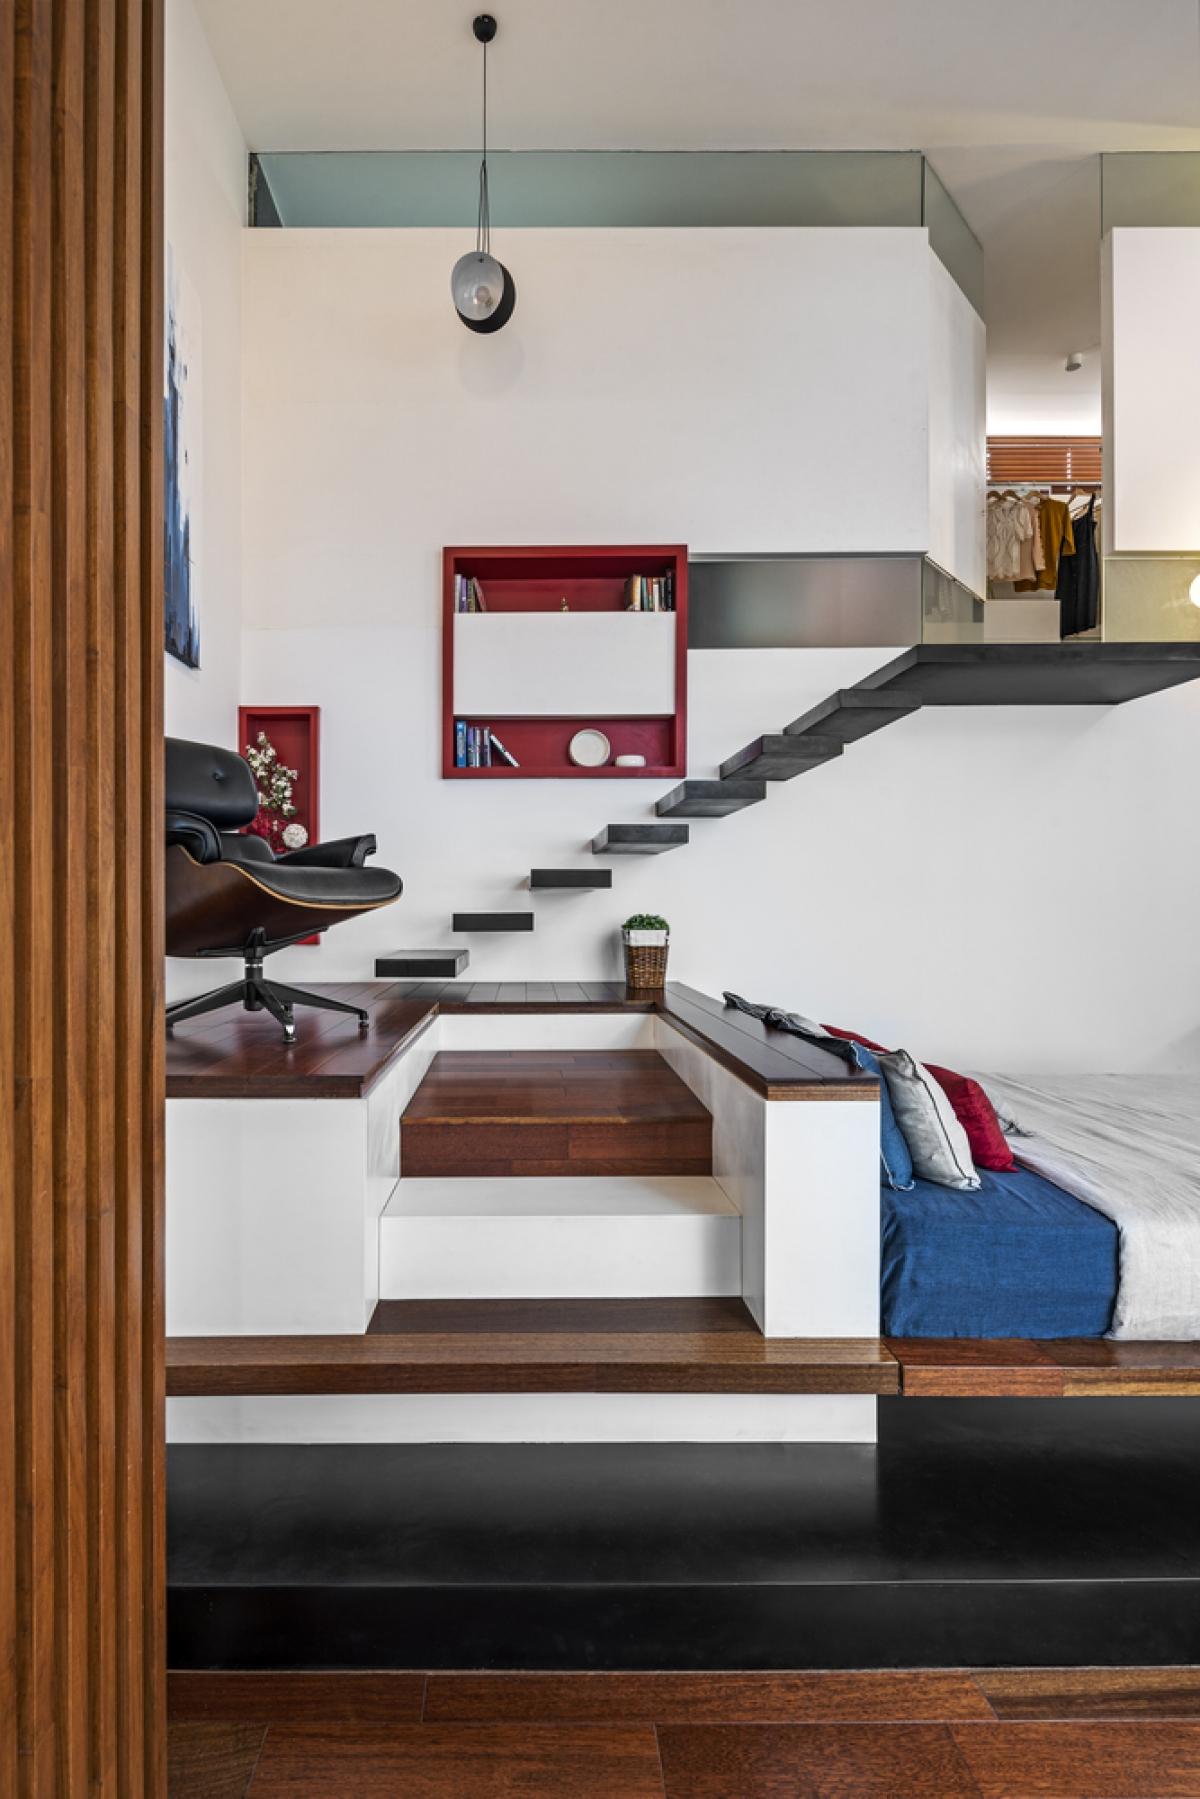 Tấm gỗ sắp xếp thành hình bậc thang dùng để lưu trữ.